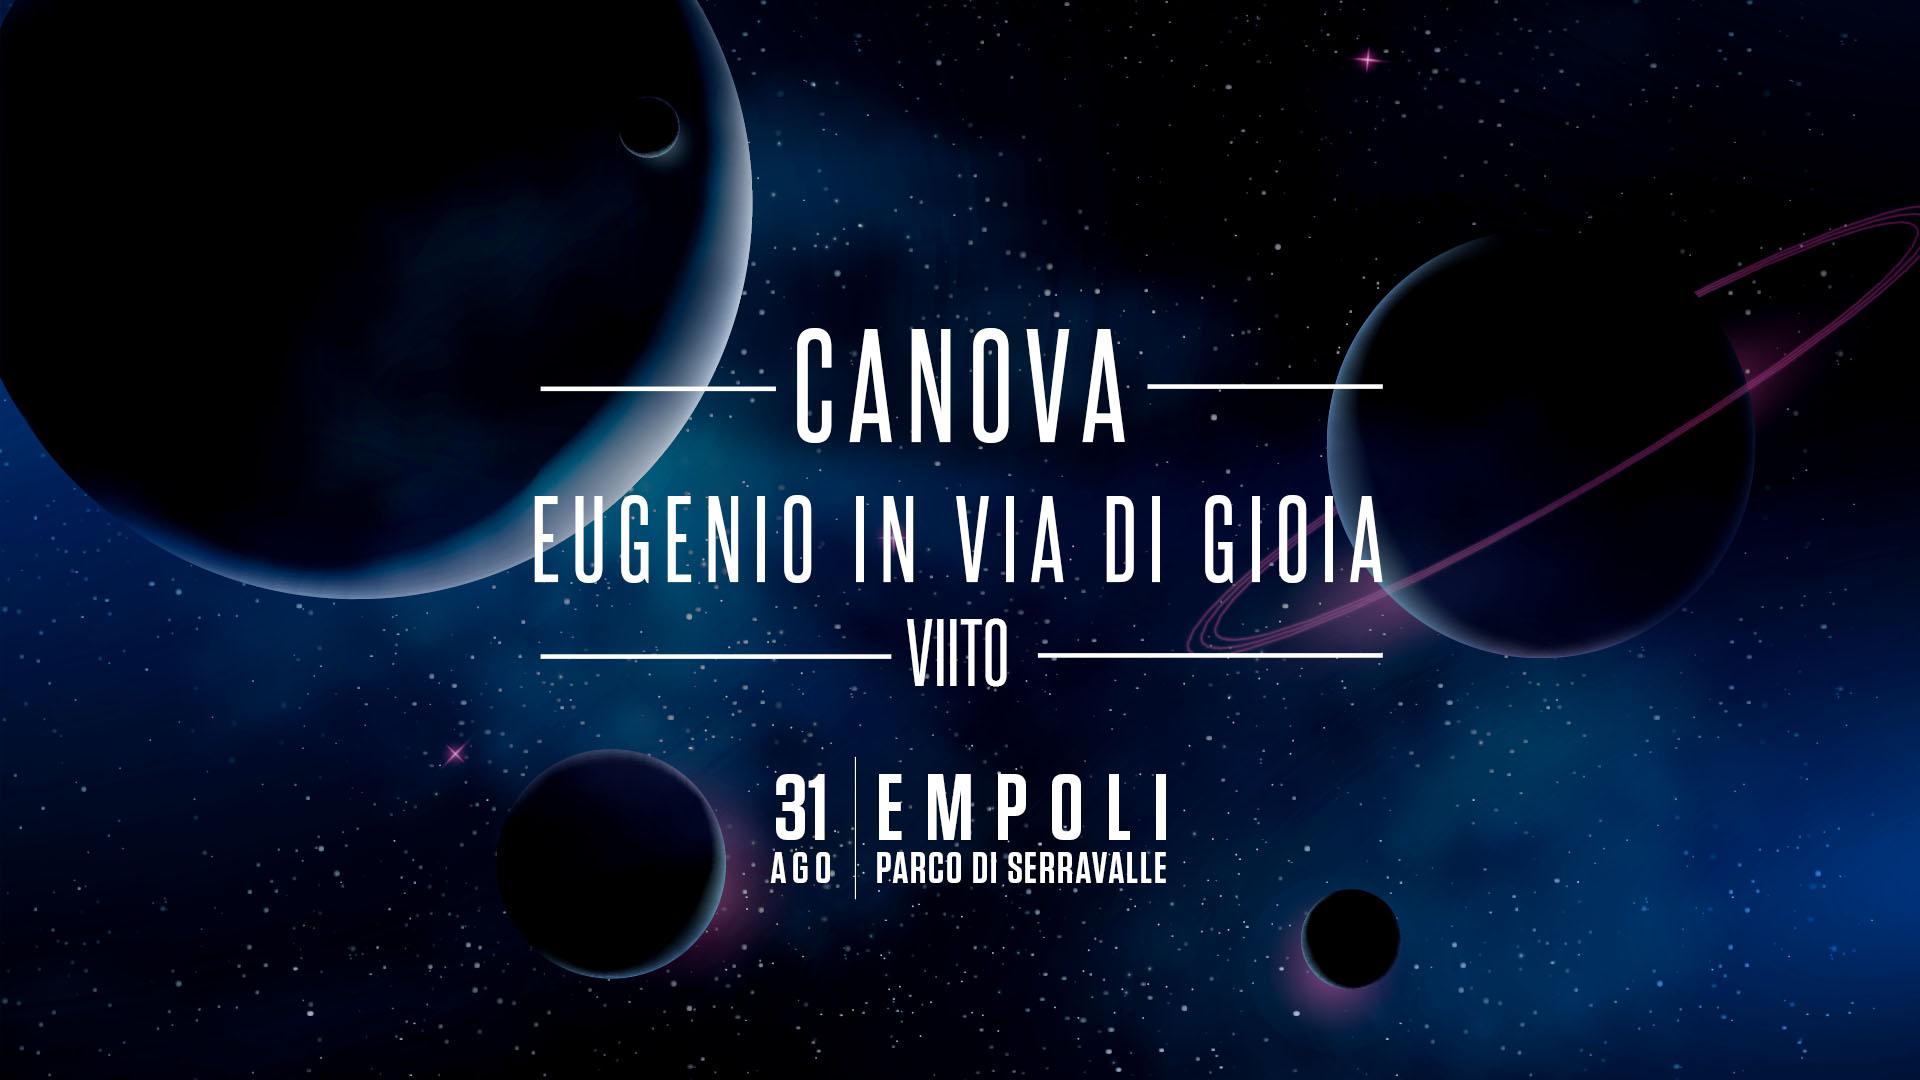 Beat Festival Canova Eugenio in via di Gioia Viito Empoli